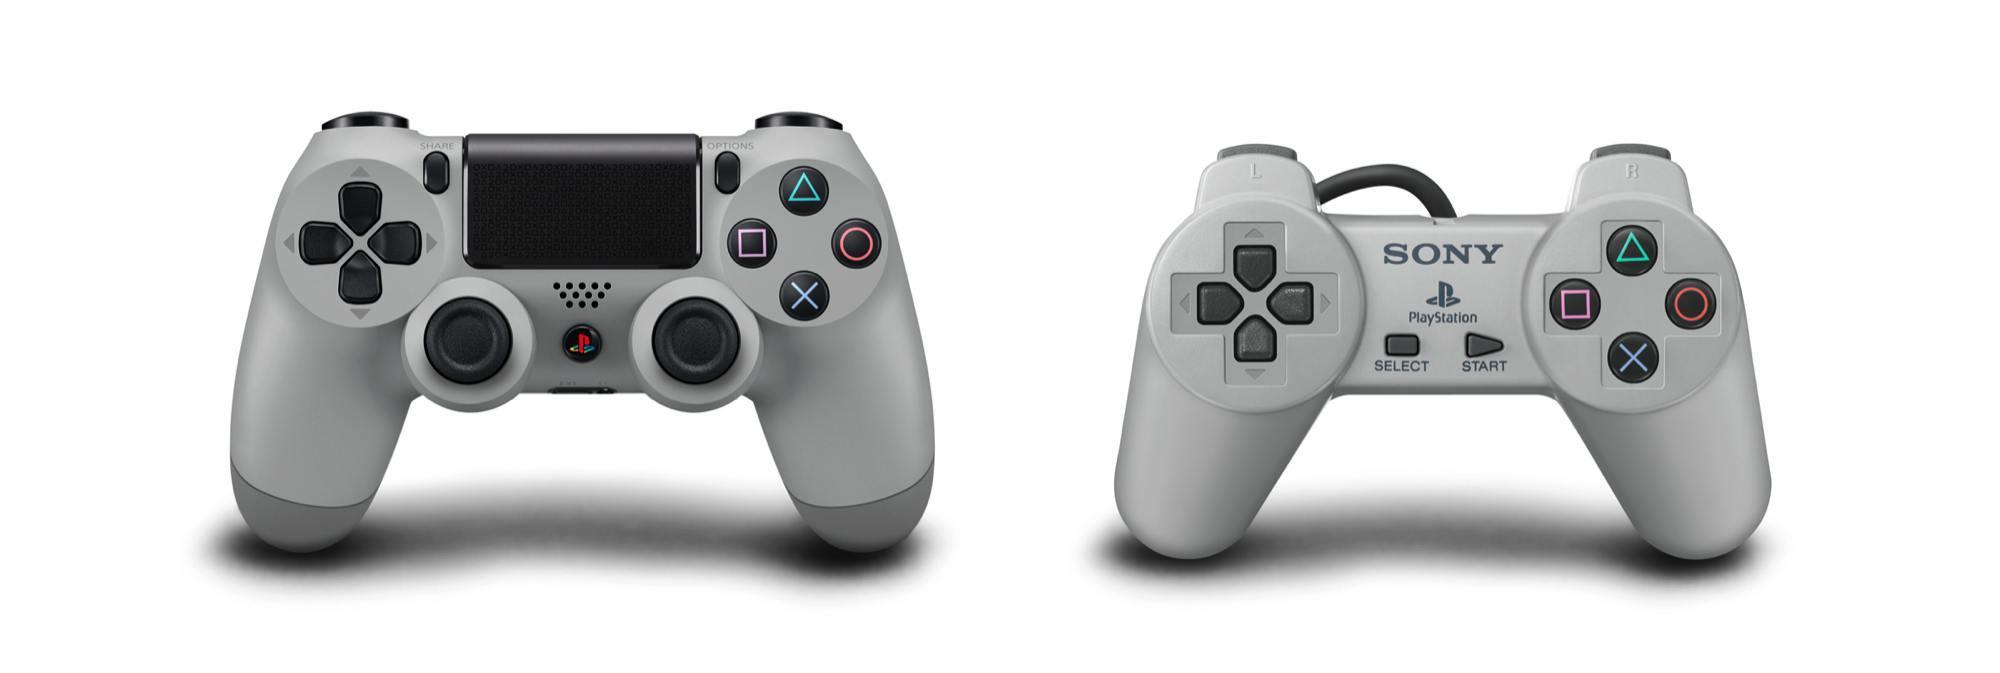 PlayStation 4 Edición Limitada 20 Aniversario